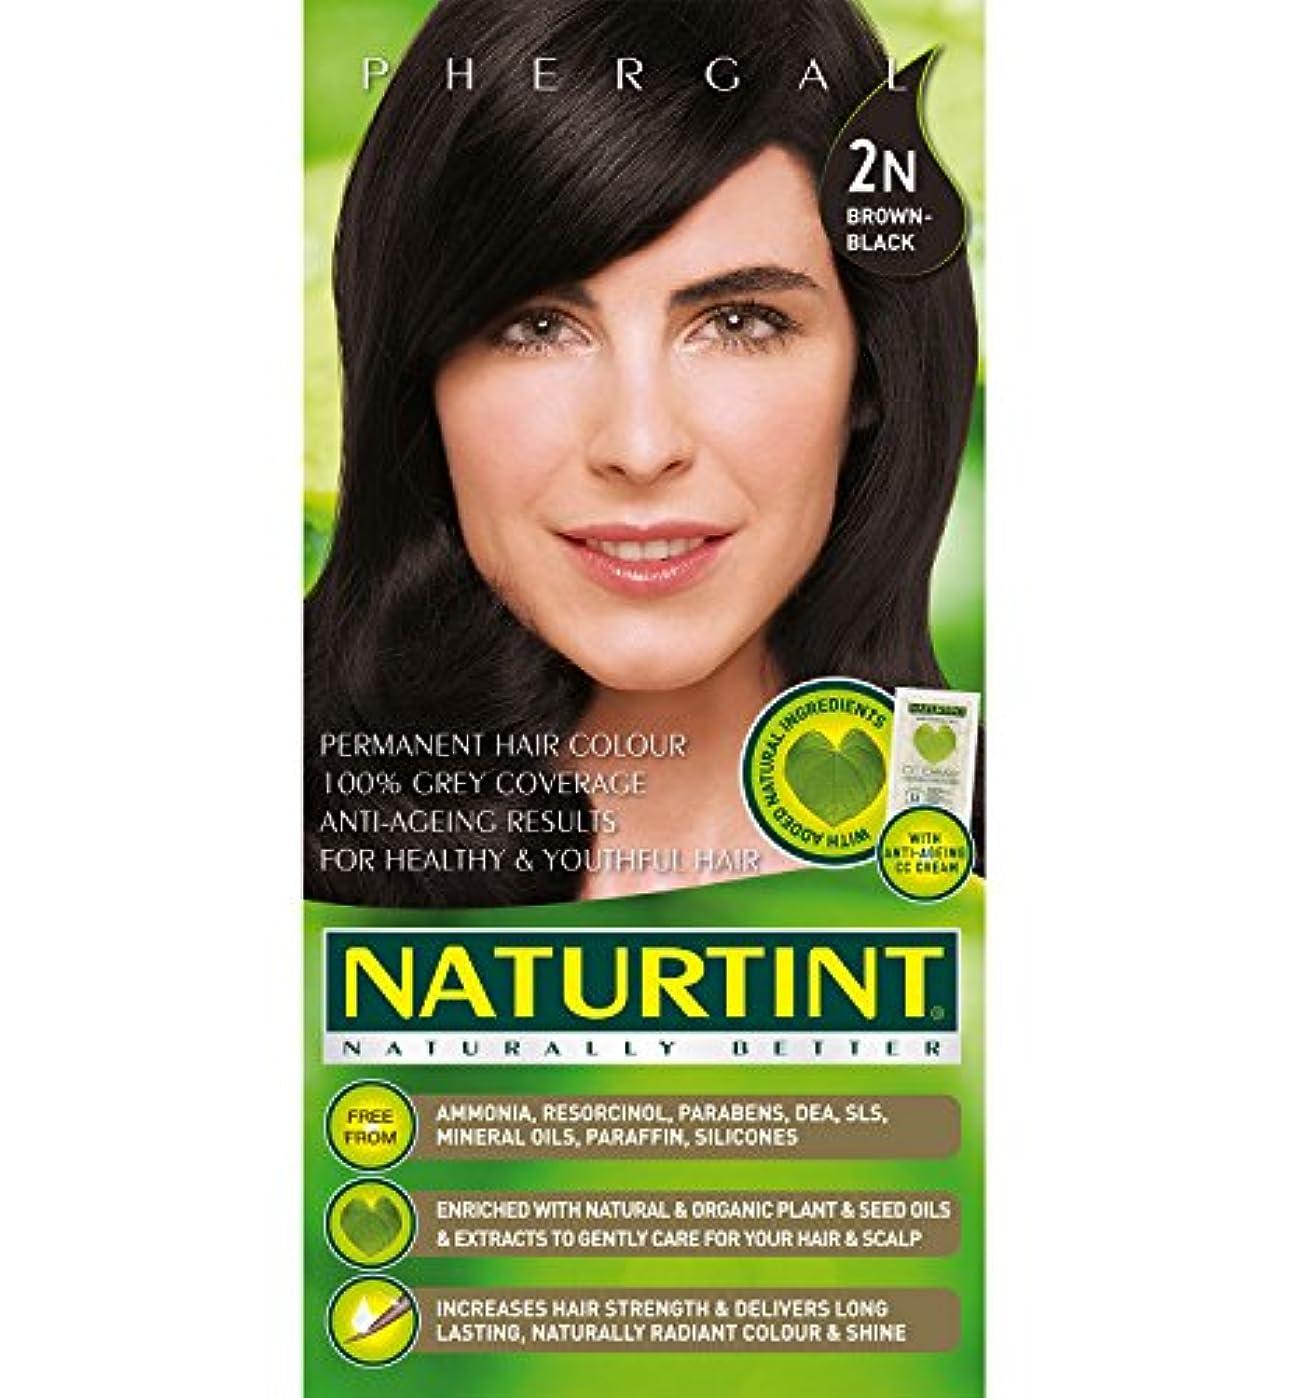 Naturtint Hair Color 2N Brown Black Permanent (並行輸入品)